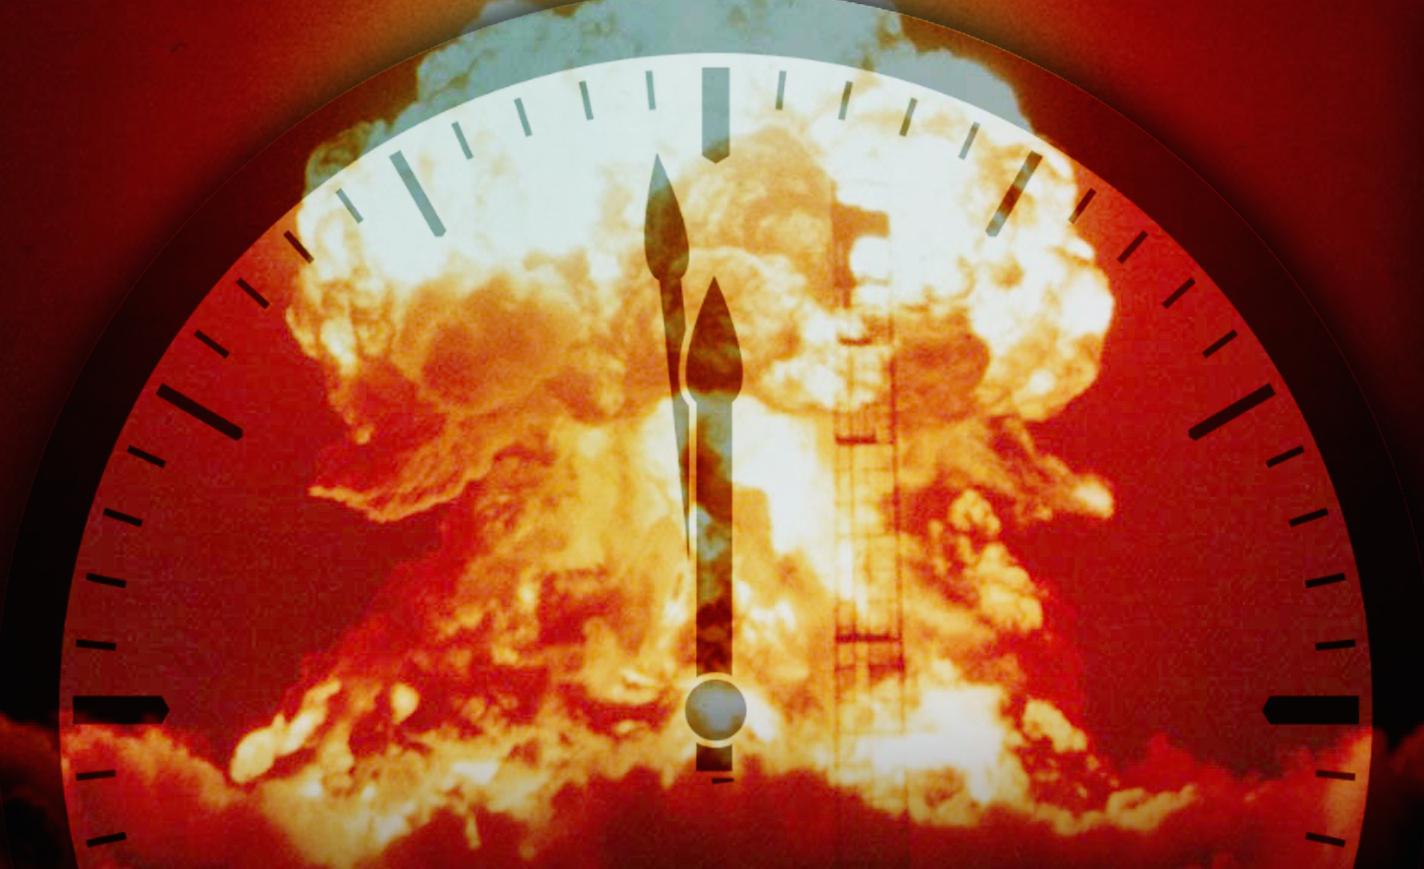 O Relógio do Apocalipse está a 2 minutos e meio da meia noite